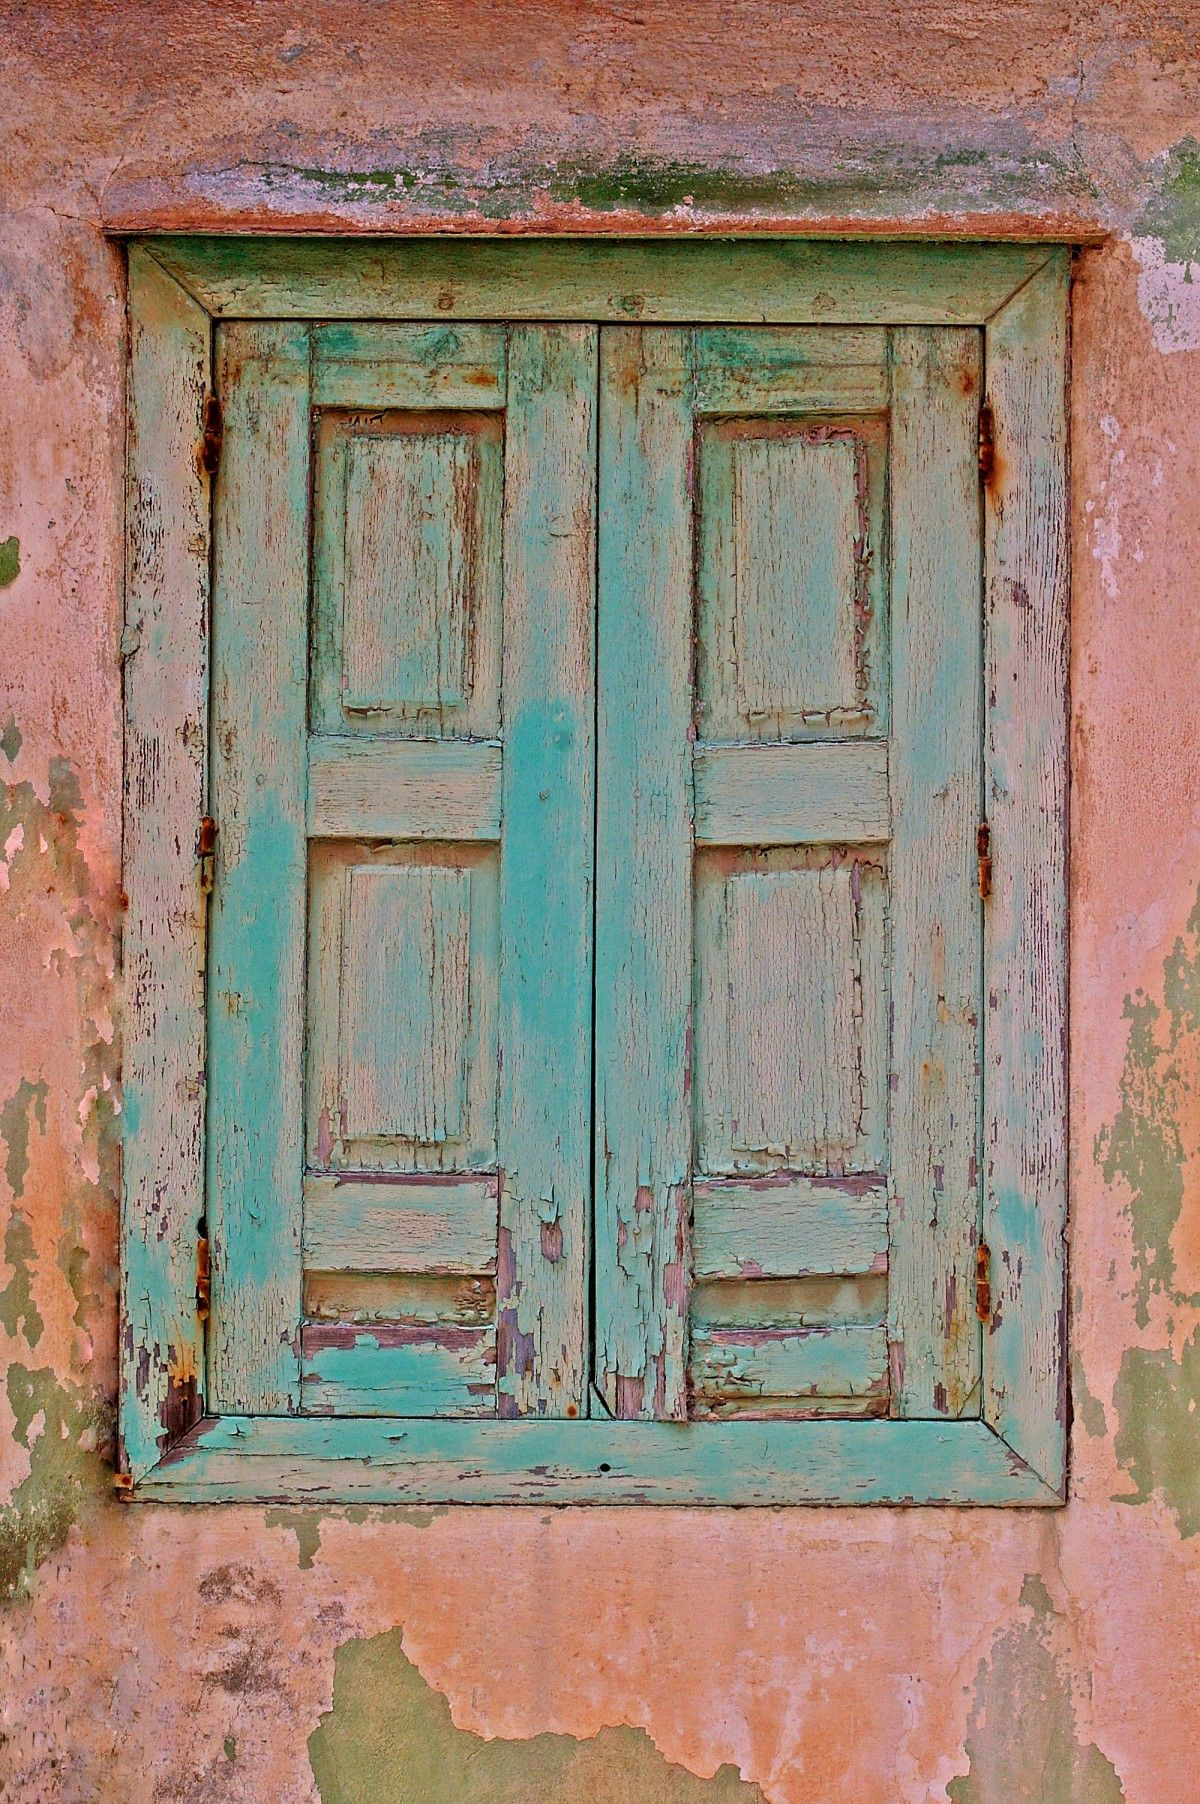 Vieille Porte En Bois Ancienne images gratuites : architecture, bois, bâtiment, vieux, mur